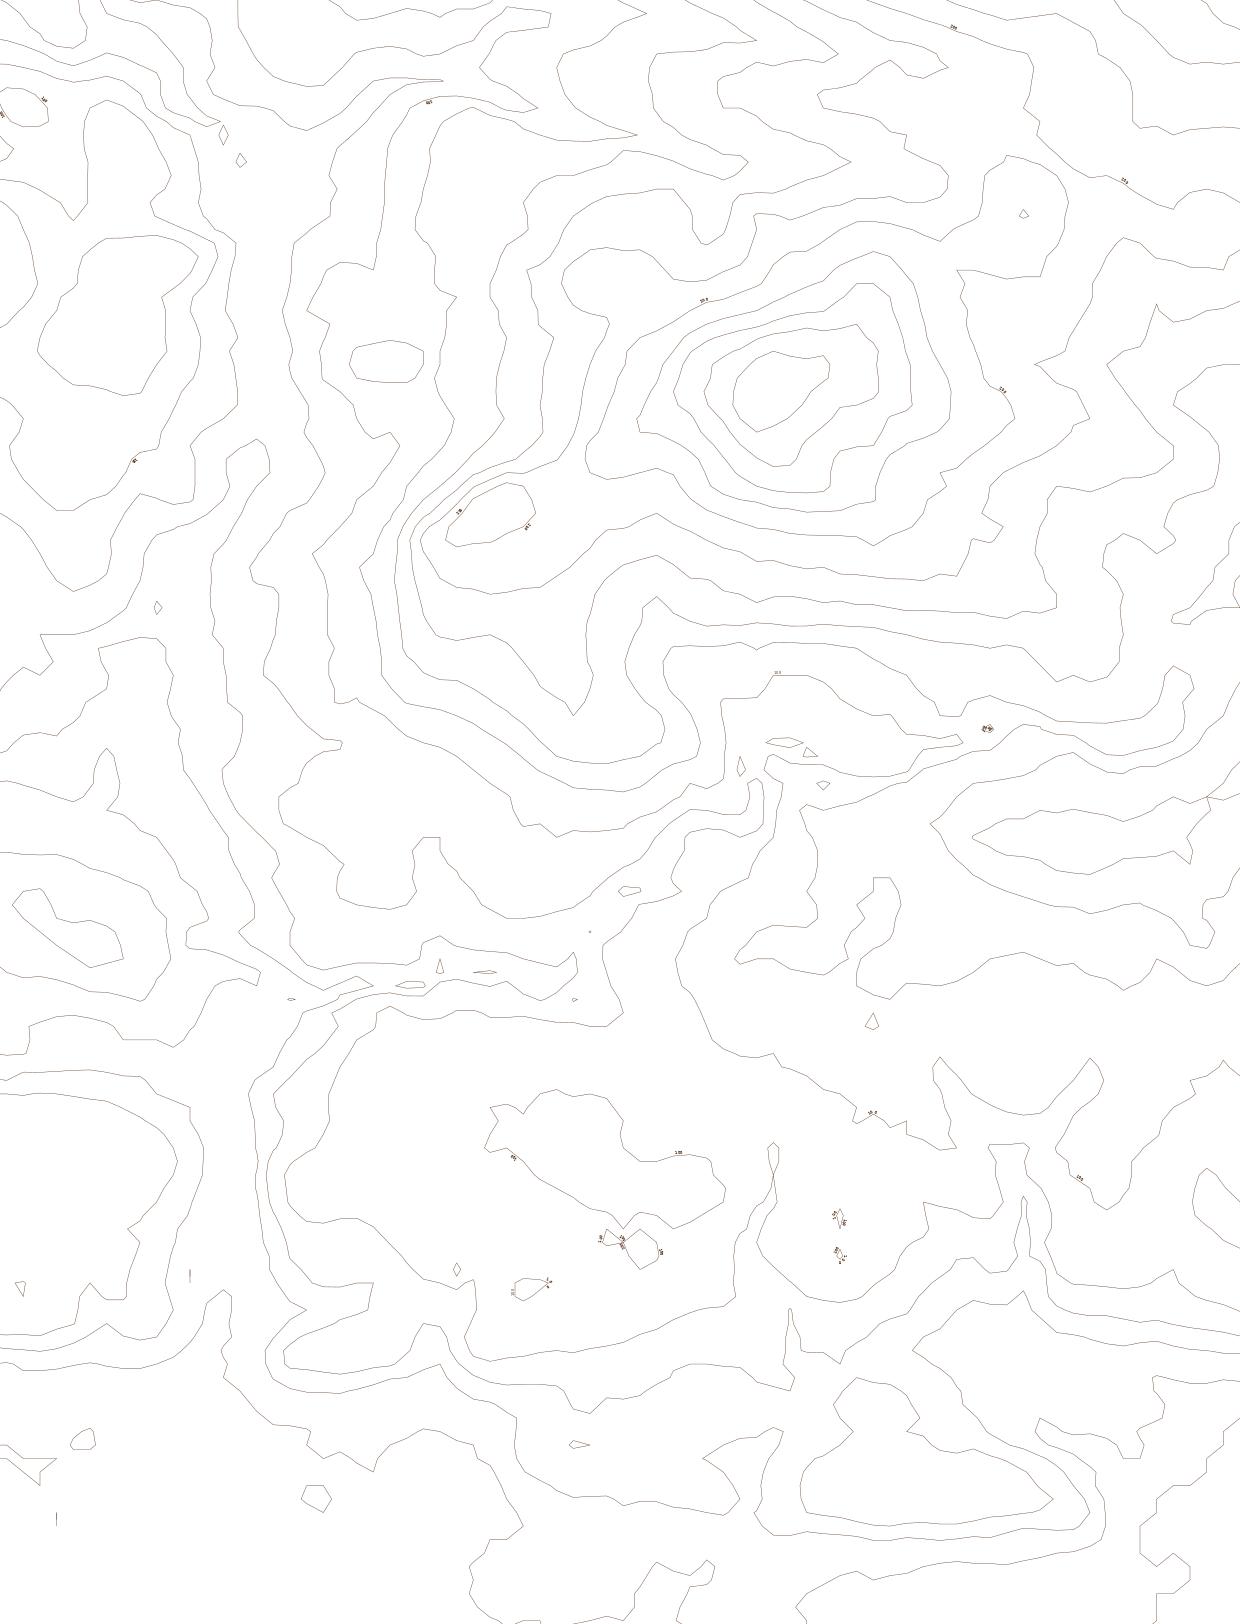 structuration_documents/designs/contours3.png